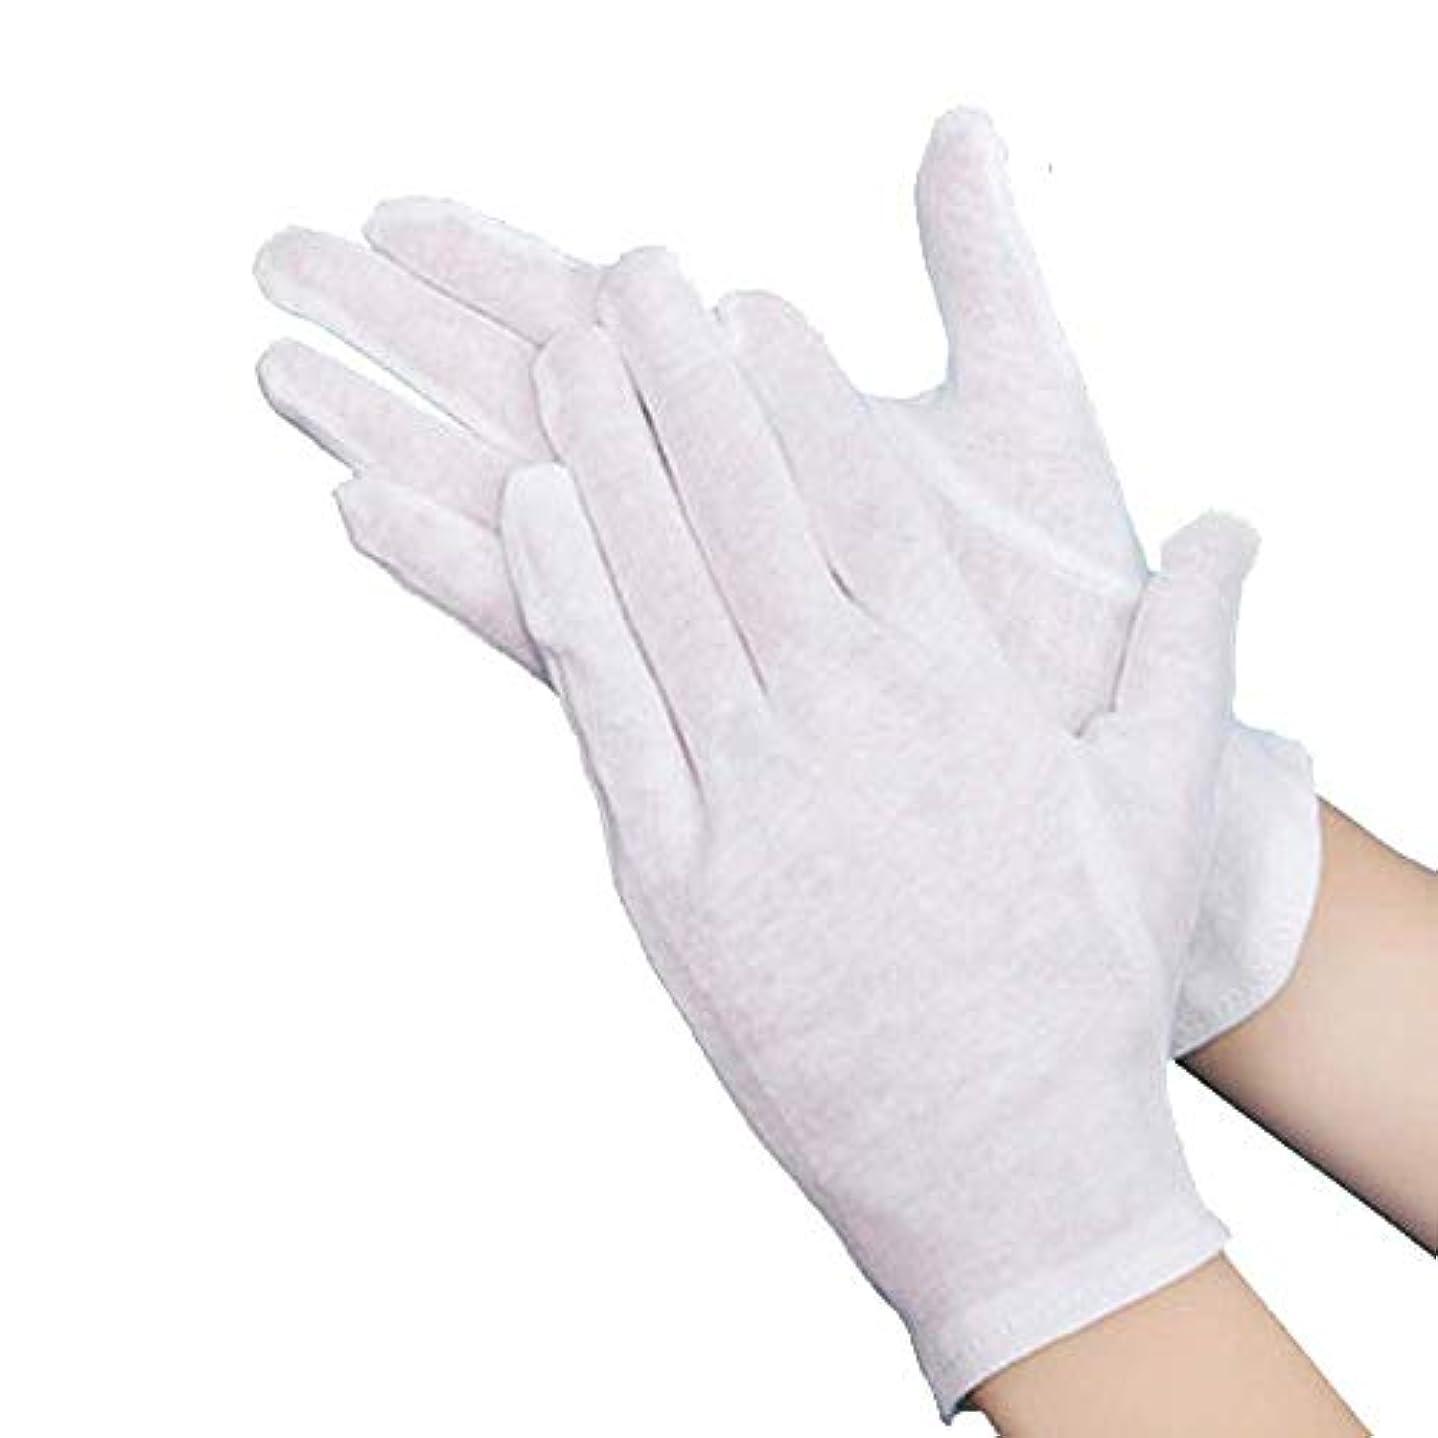 バルセロナケーキエンドウ10双組 M トン手袋 綿手袋 通気性